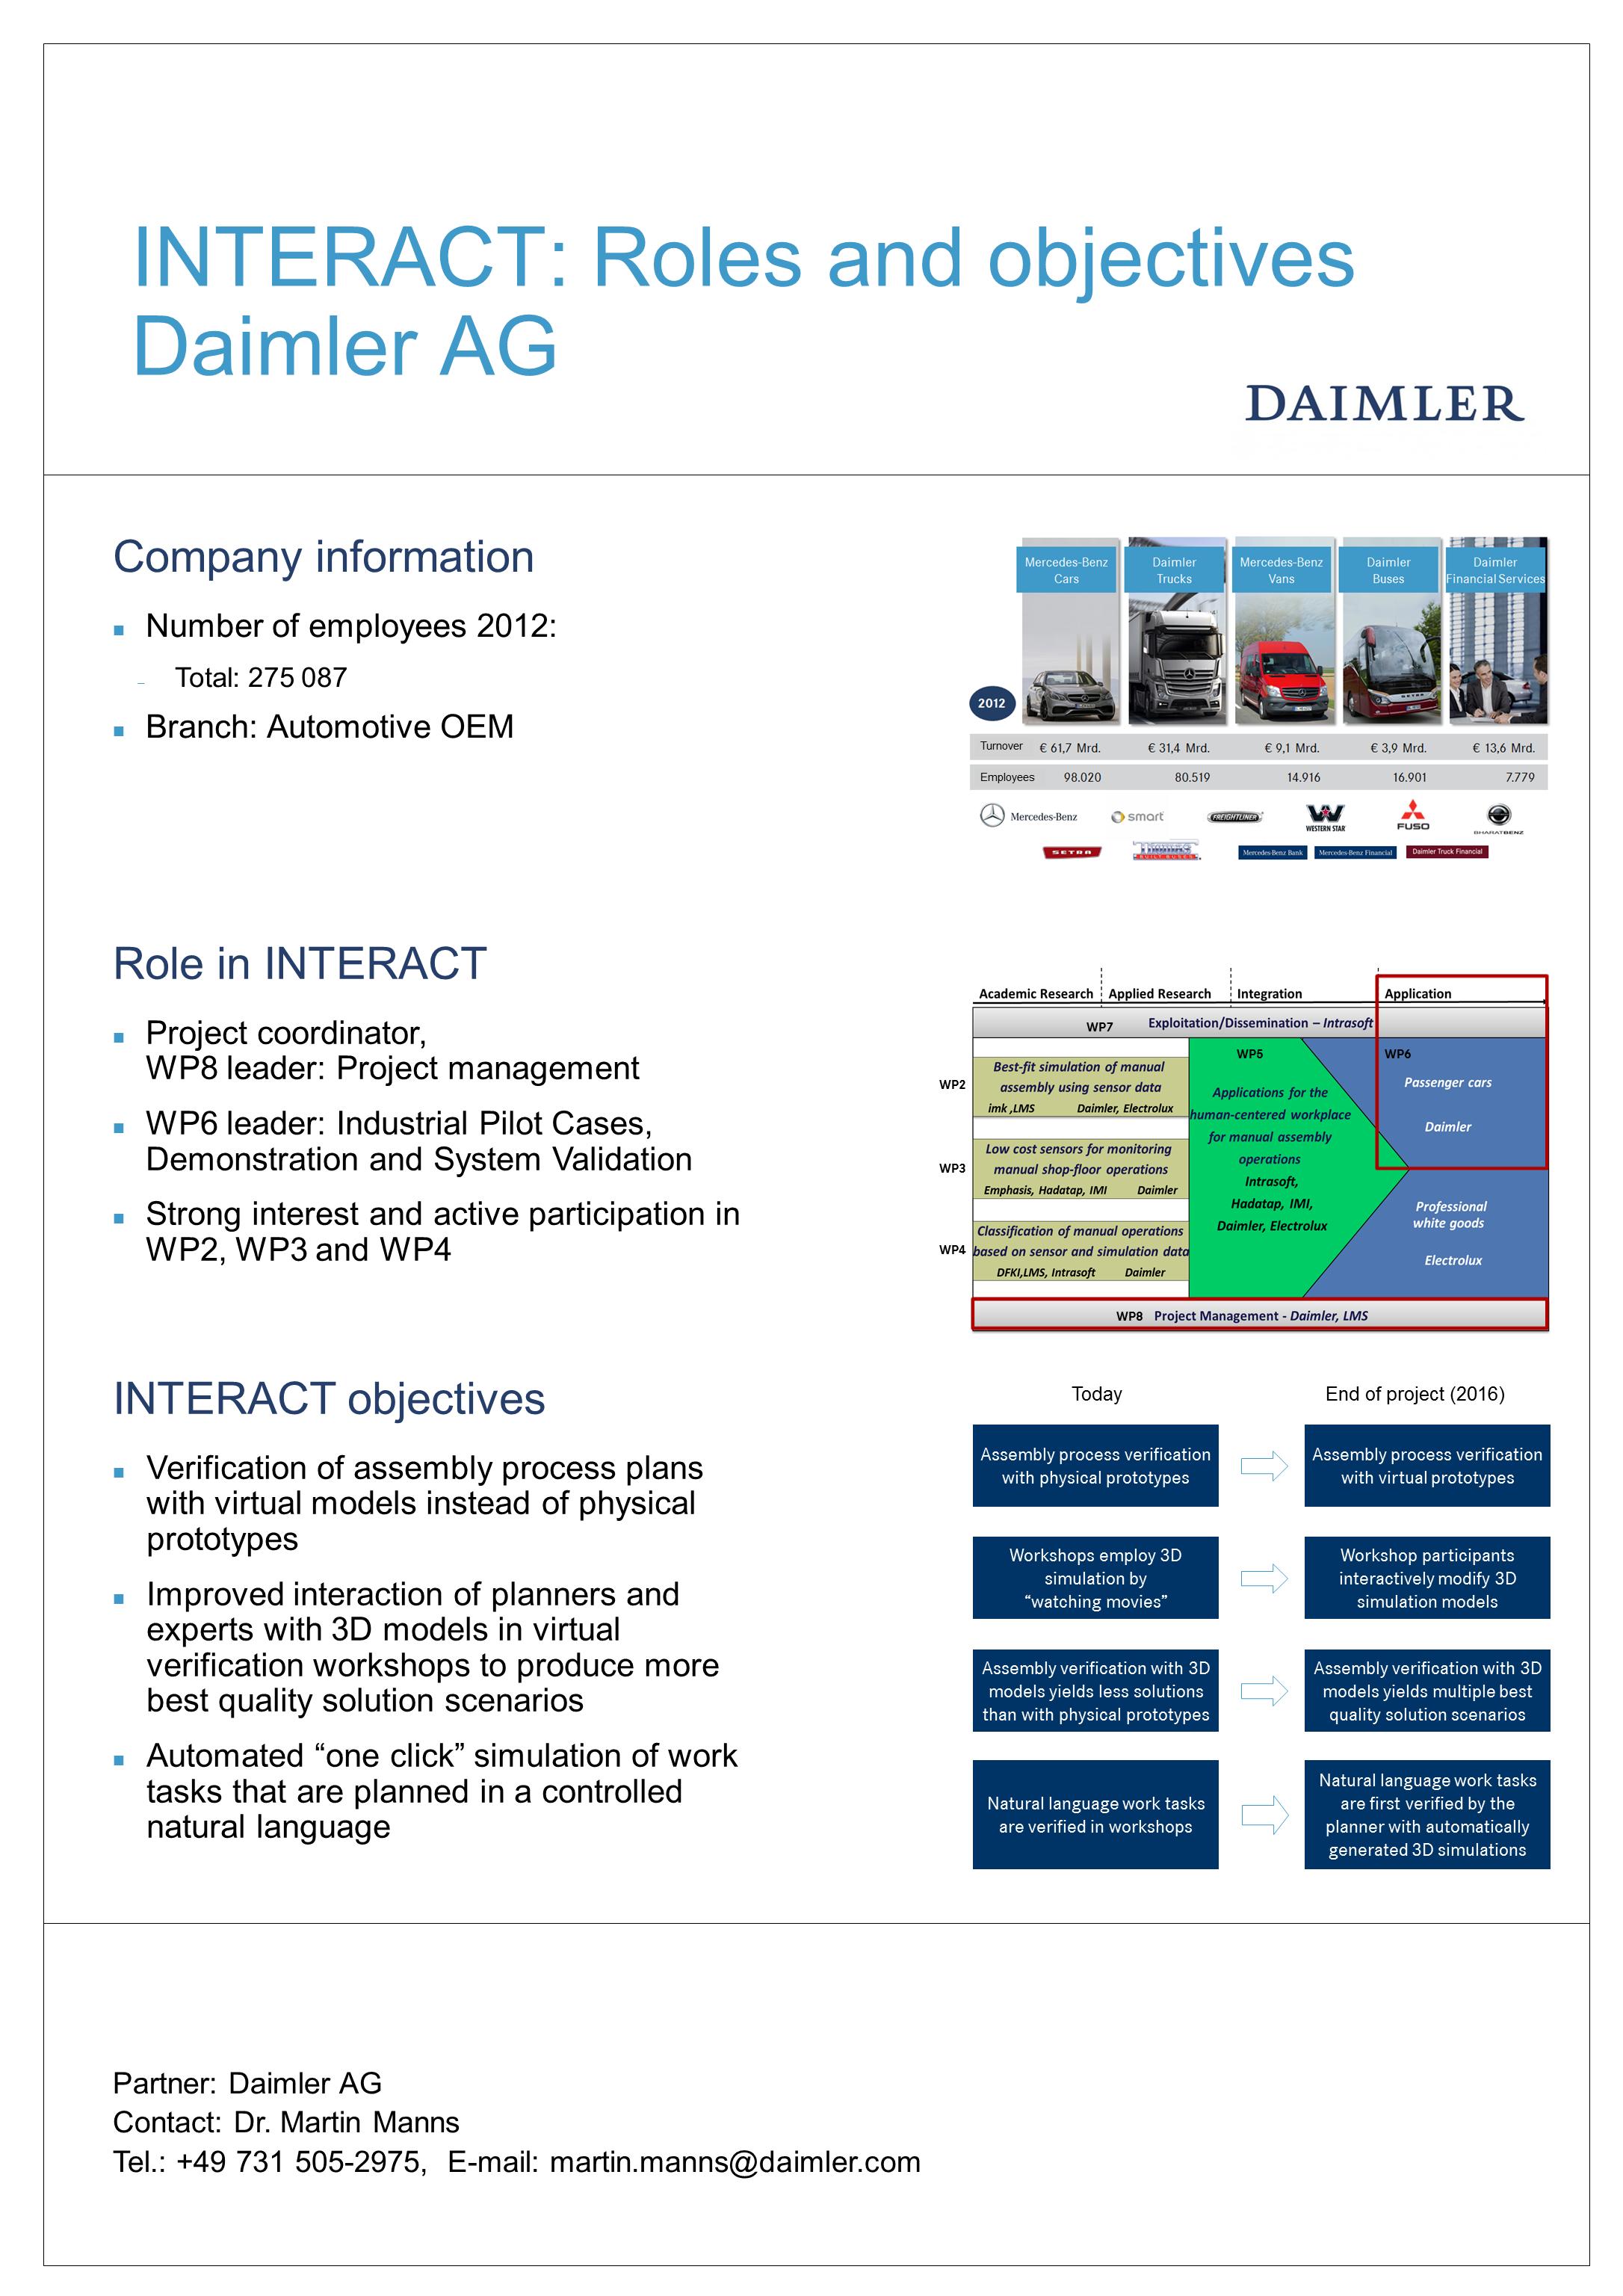 INTERACT Poster Daimler